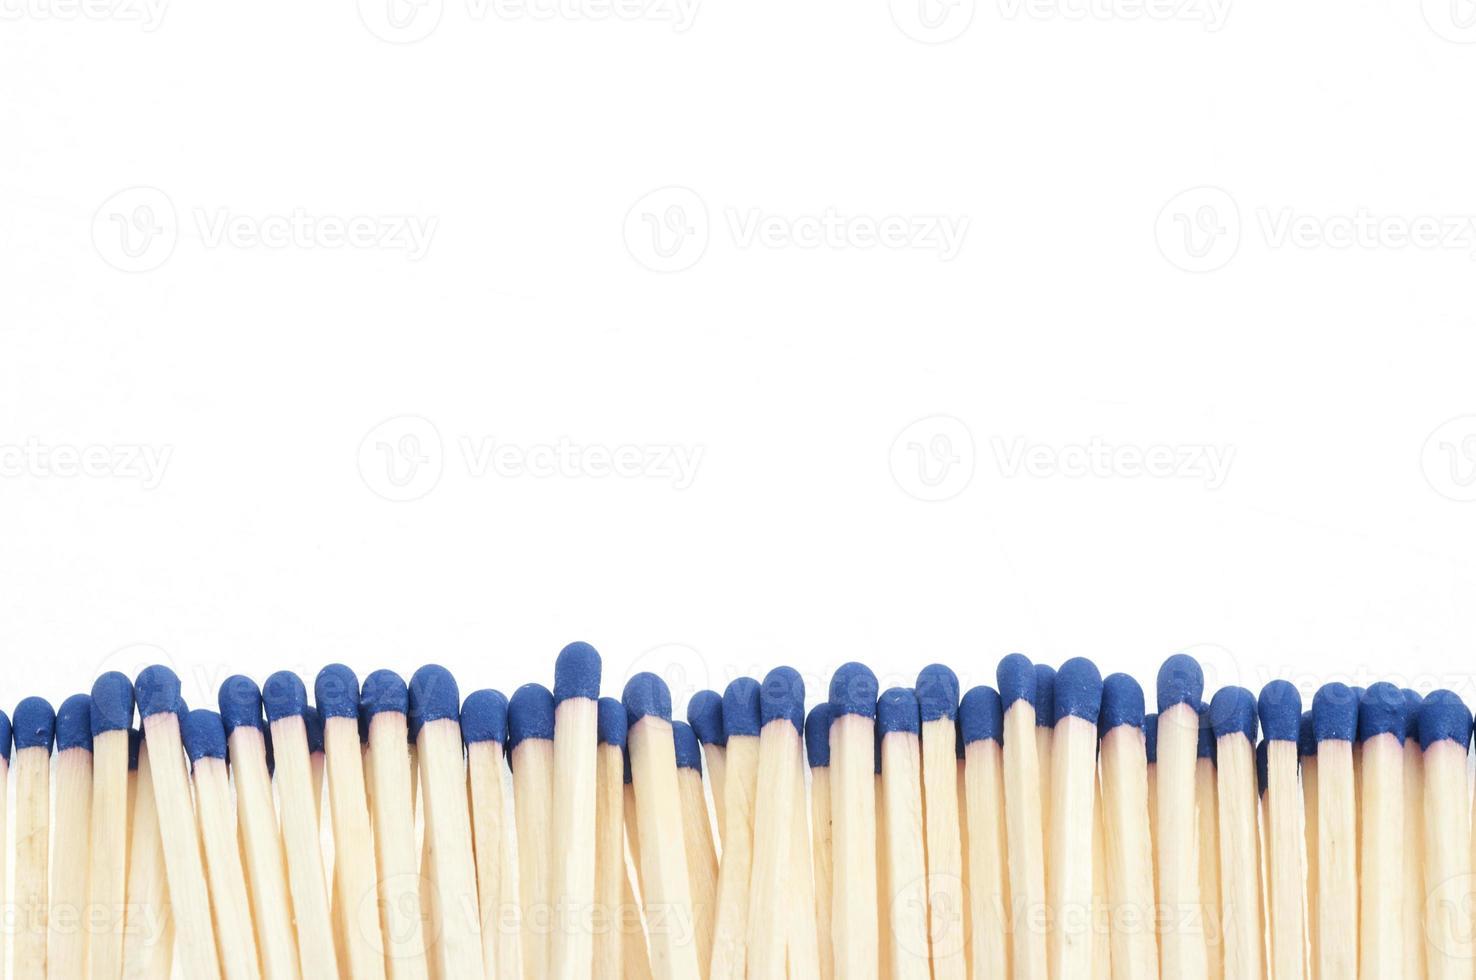 wedstrijden op een rij op een witte achtergrond foto